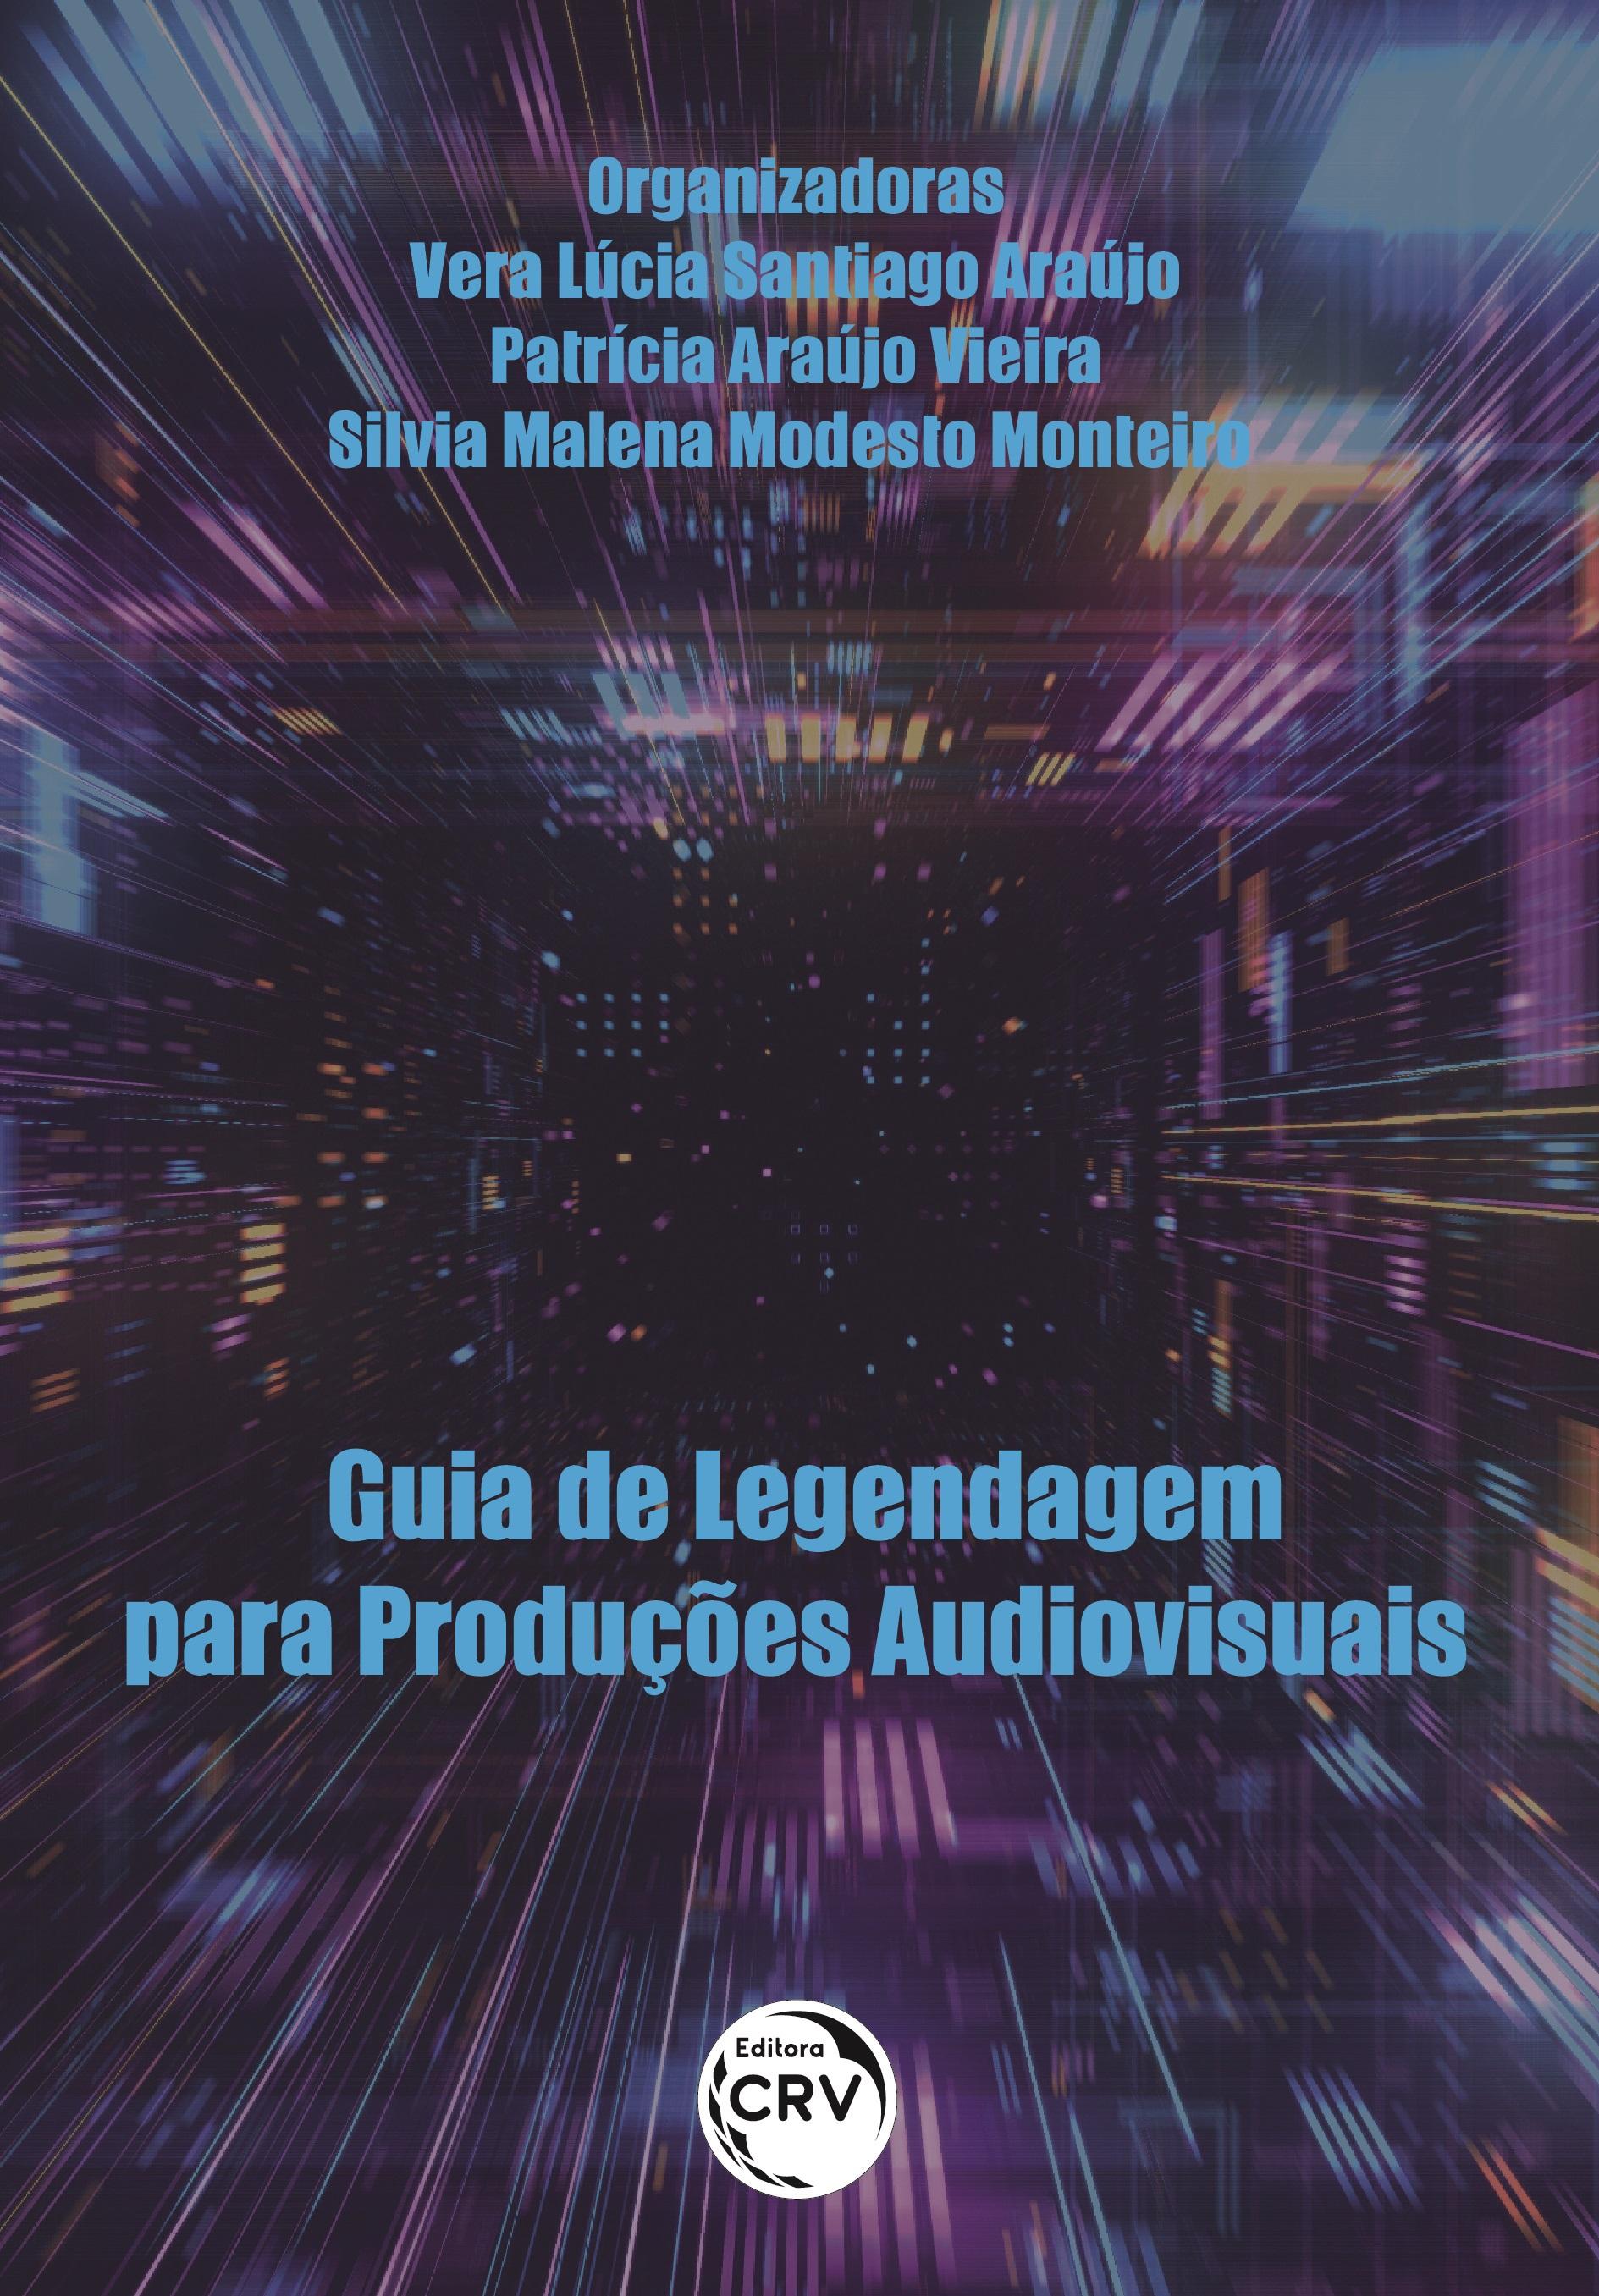 Capa do livro: GUIA DE LEGENDAGEM PARA PRODUÇÕES AUDIOVISUAIS